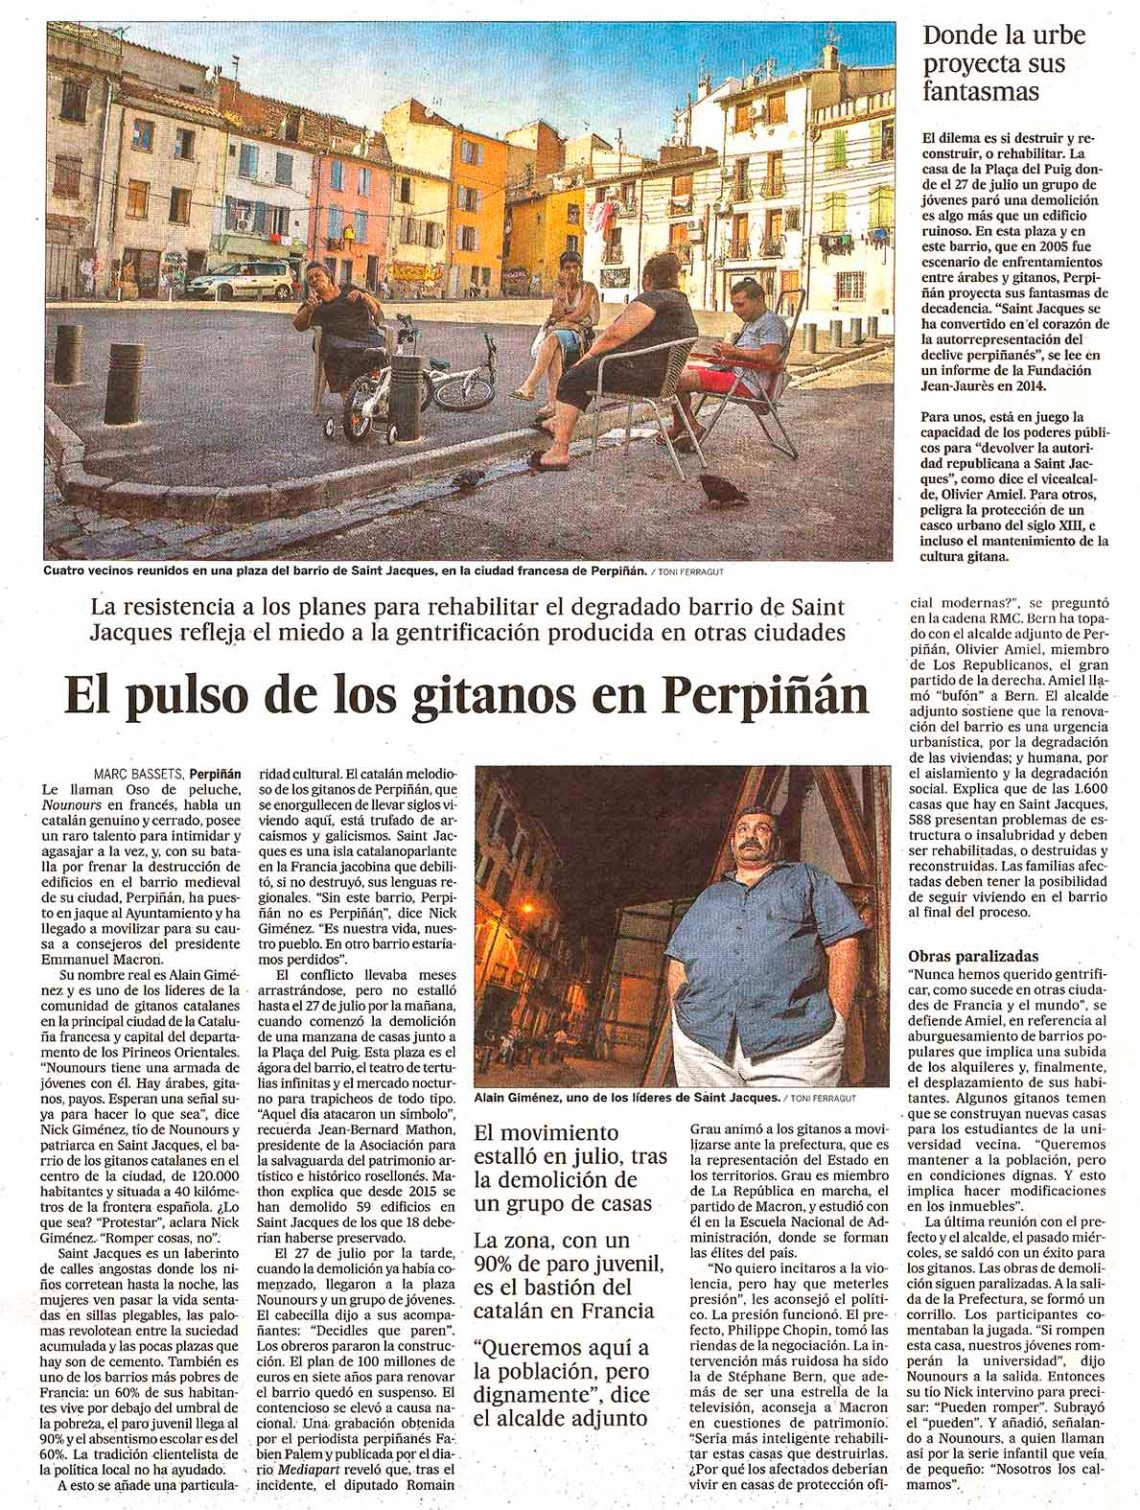 El pulso de los gitanos en Perpiñán